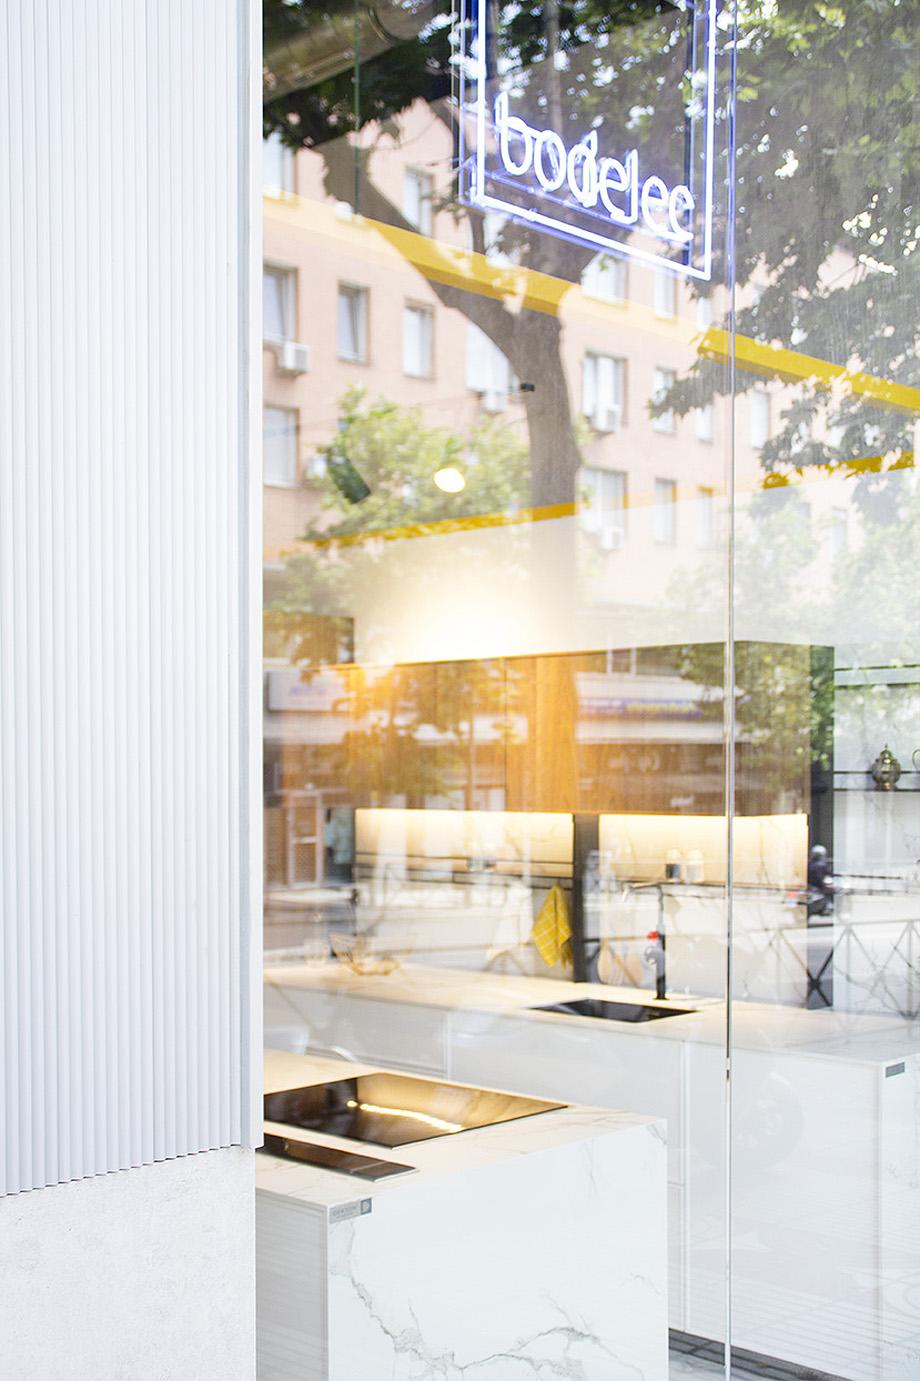 showroom cocinas bodelec en madrid de pentamera - foto carlos anton de la vega (3)